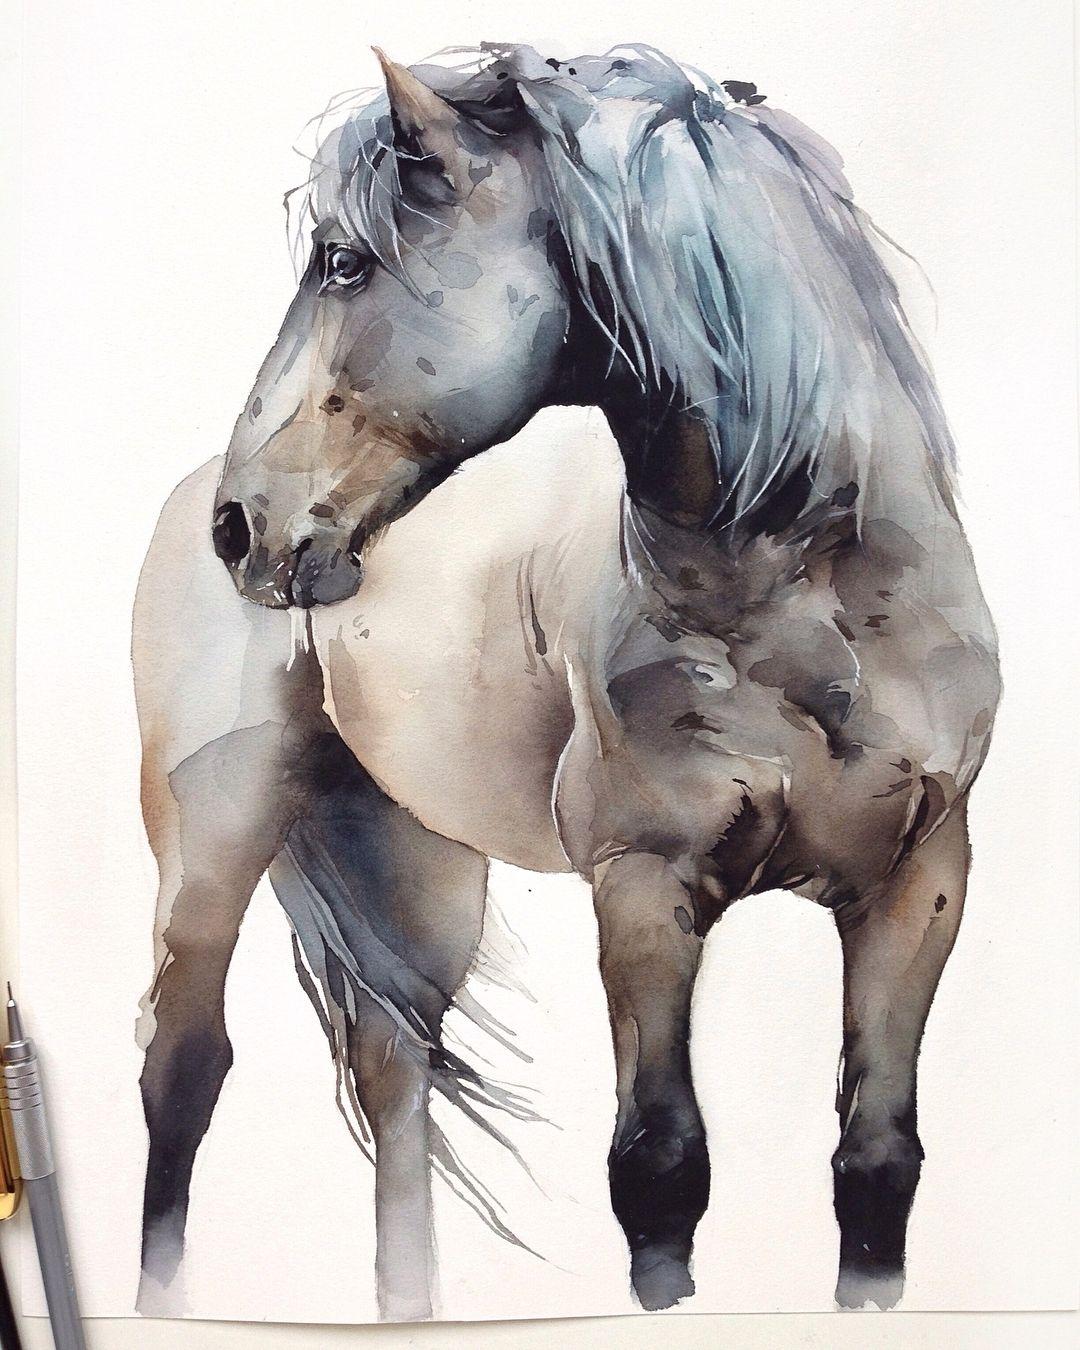 Watercolorist Kadantseva Natalia